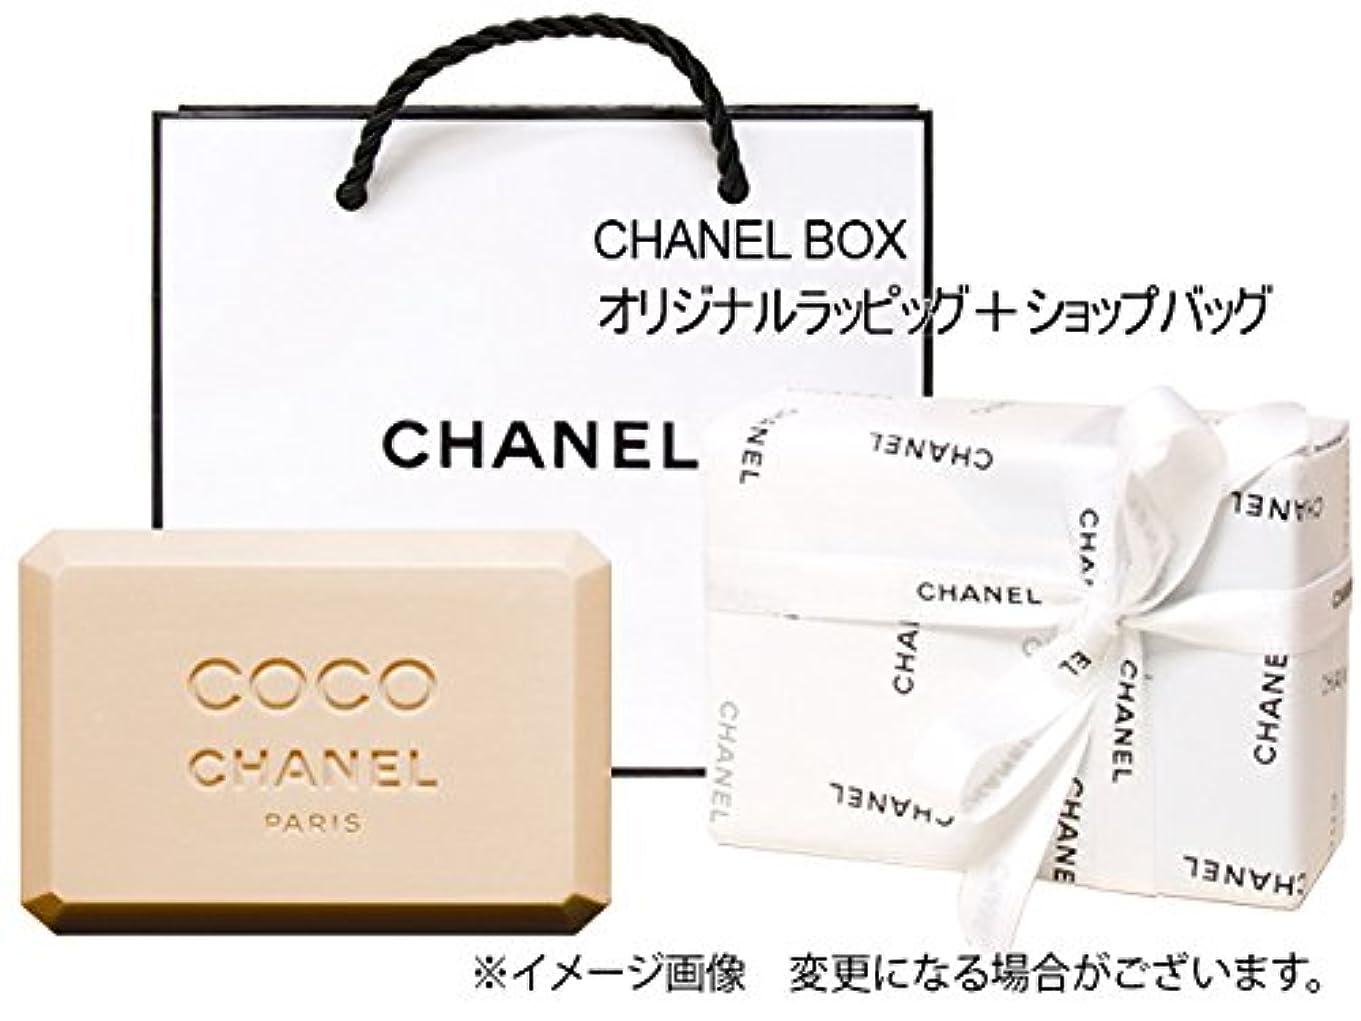 現在上に輸送CHANEL(シャネル) COCO SAVON POUR LE BAIN BATH SOAP シャネル ココ サヴォン 150g 女性用石鹸/バスソープ CHANEL BOX オリジナルラッピング+ショップバッグ(並行輸入)